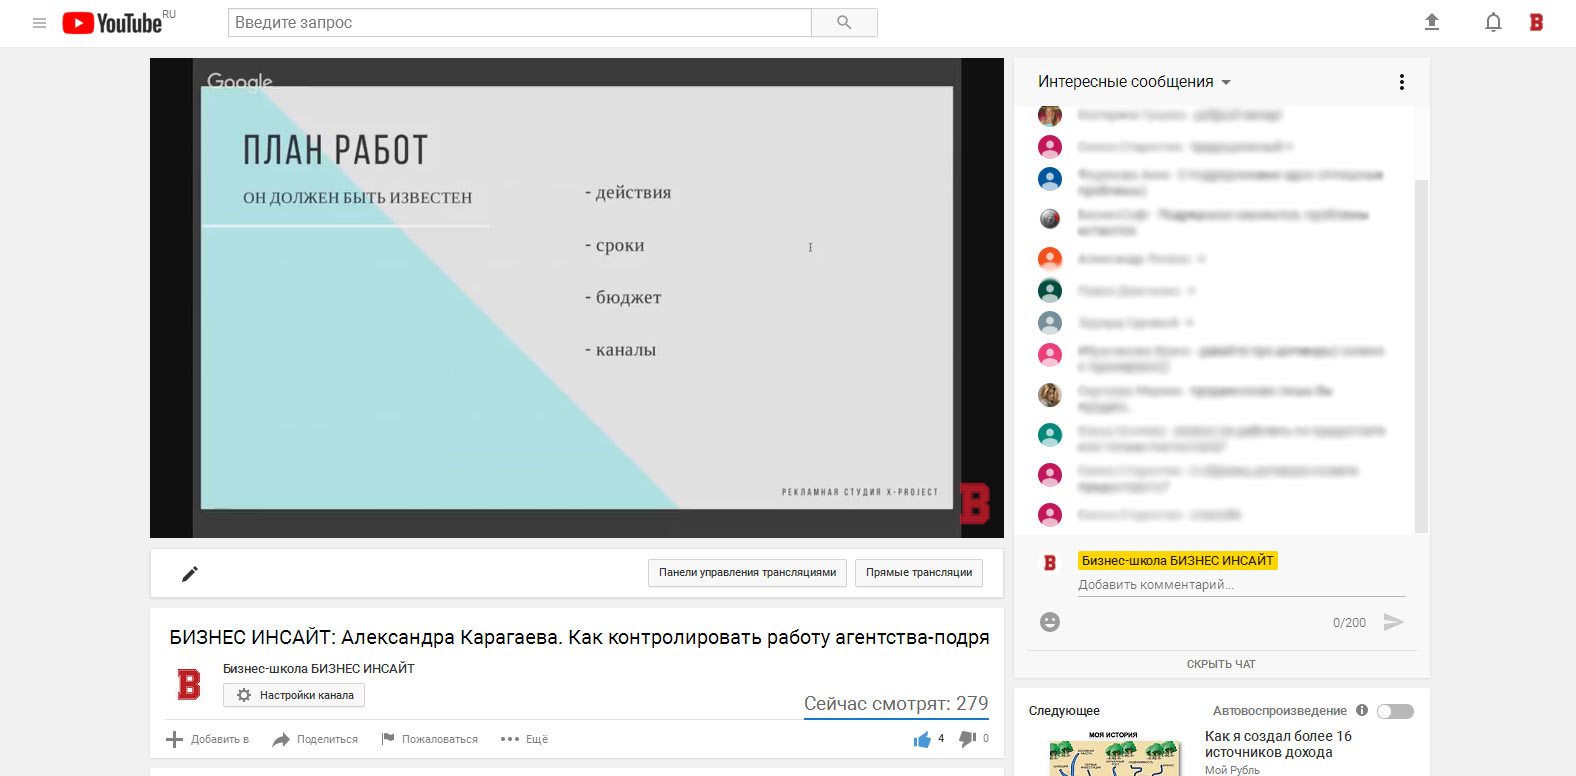 Александра Карагаева провела открытый (бесплатный) вебинар на площадке БИЗНЕС ИНСАЙТ